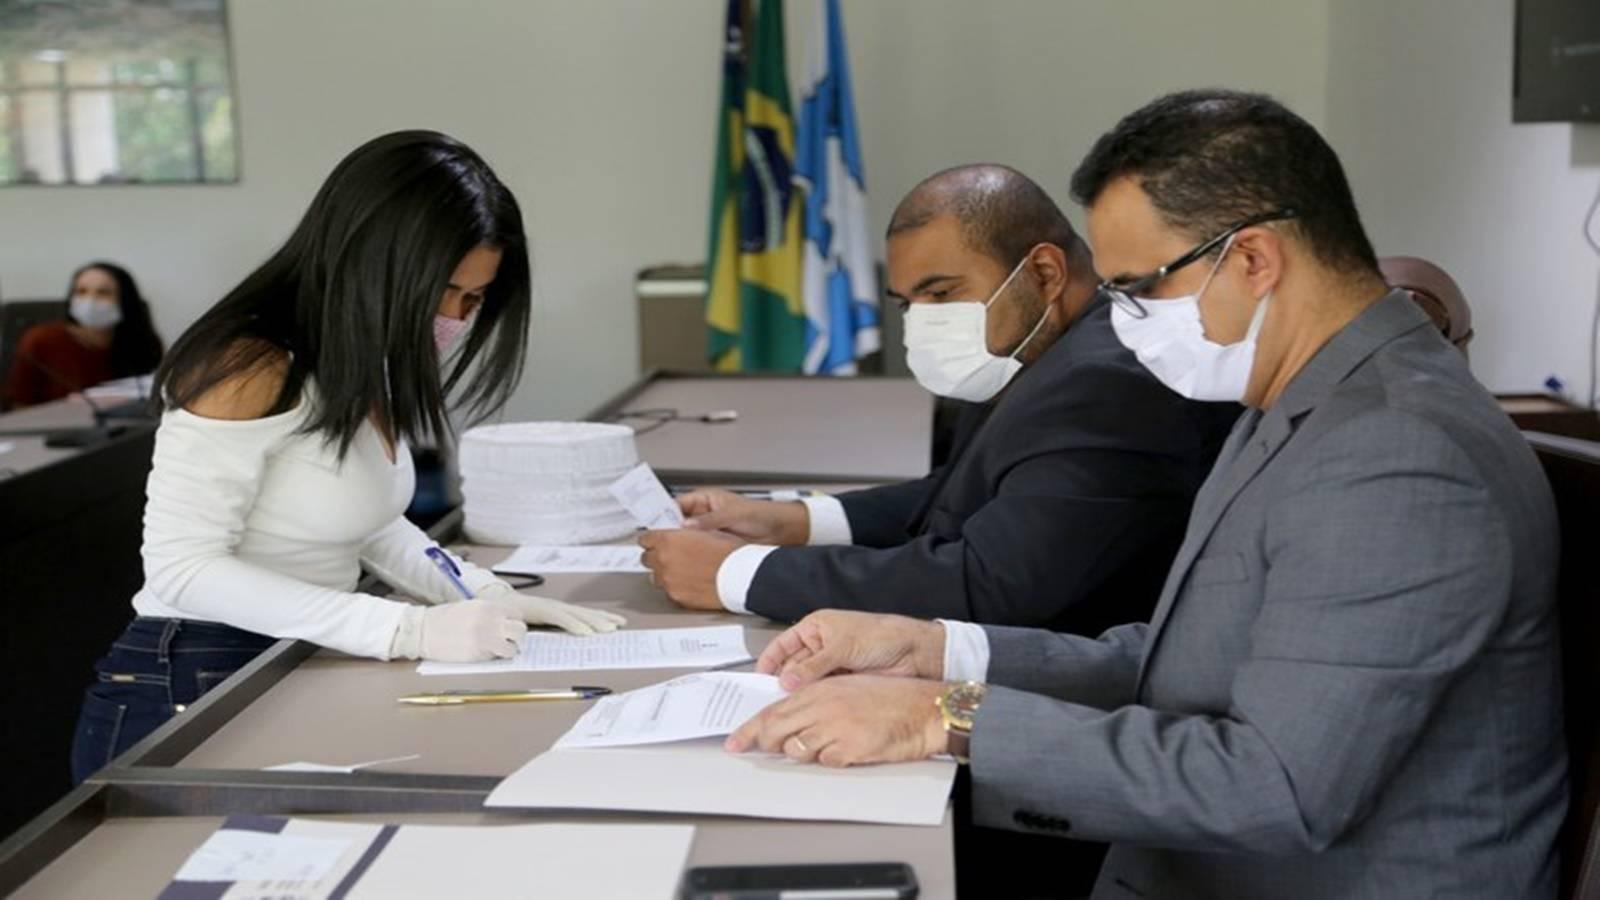 Universidades federais já formaram mais de 1,2 mil novos profissionais da saúde durante a pandemia